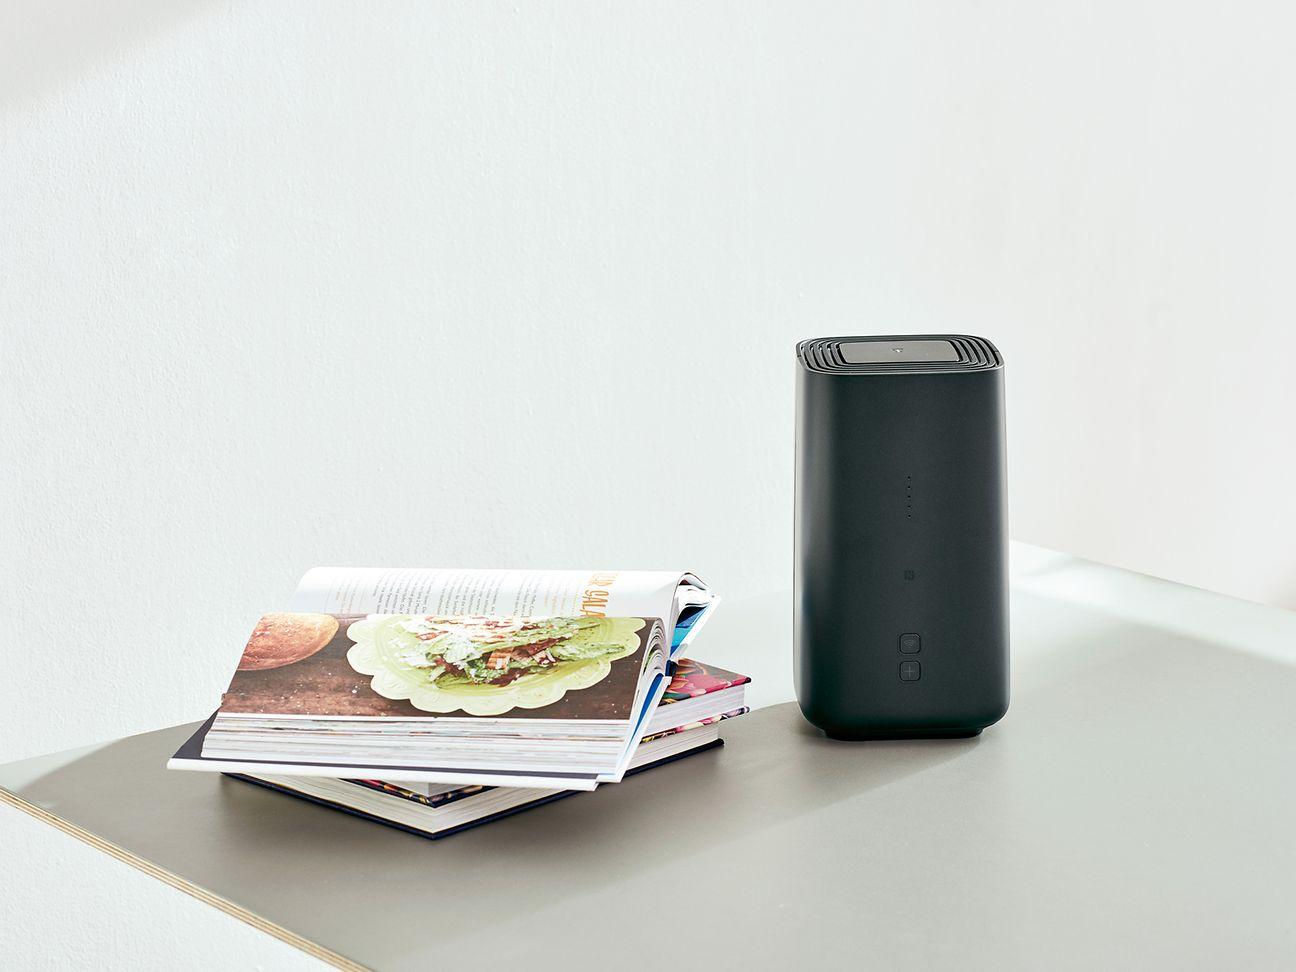 deutsche telekom stellt speedport pro mit gigabit wlan vor. Black Bedroom Furniture Sets. Home Design Ideas